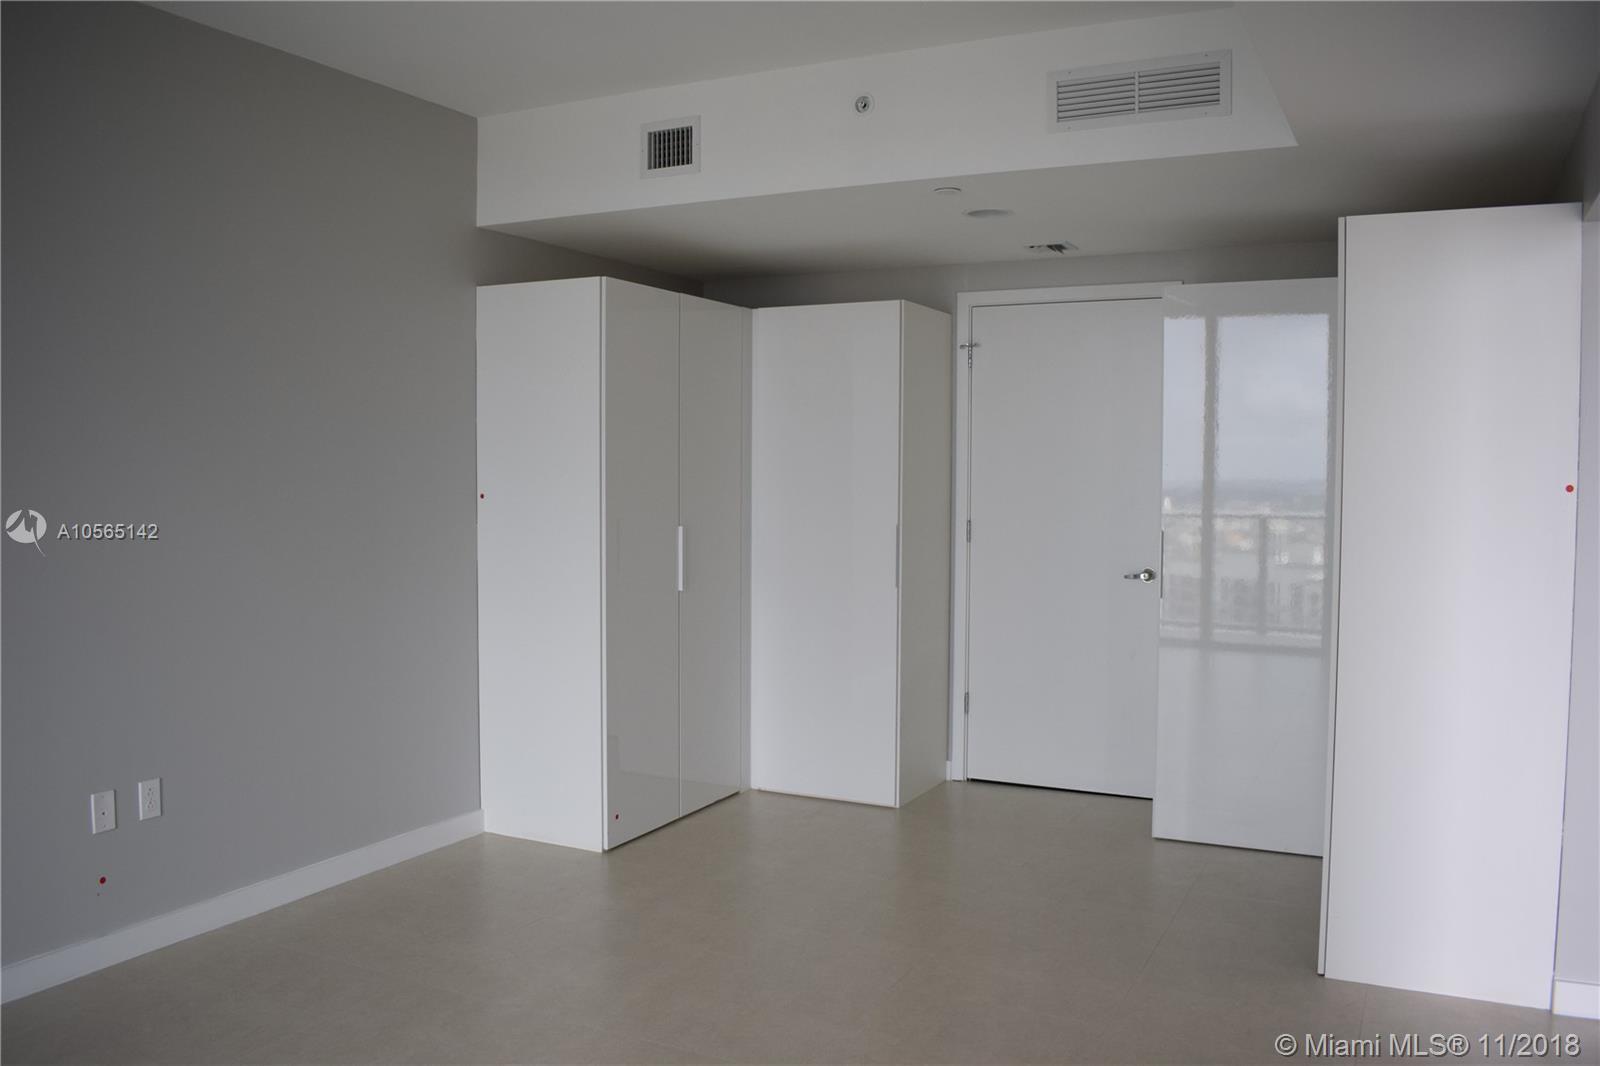 1010 Brickell Avenue, Miami, FL 33131, 1010 Brickell #4308, Brickell, Miami A10565142 image #6